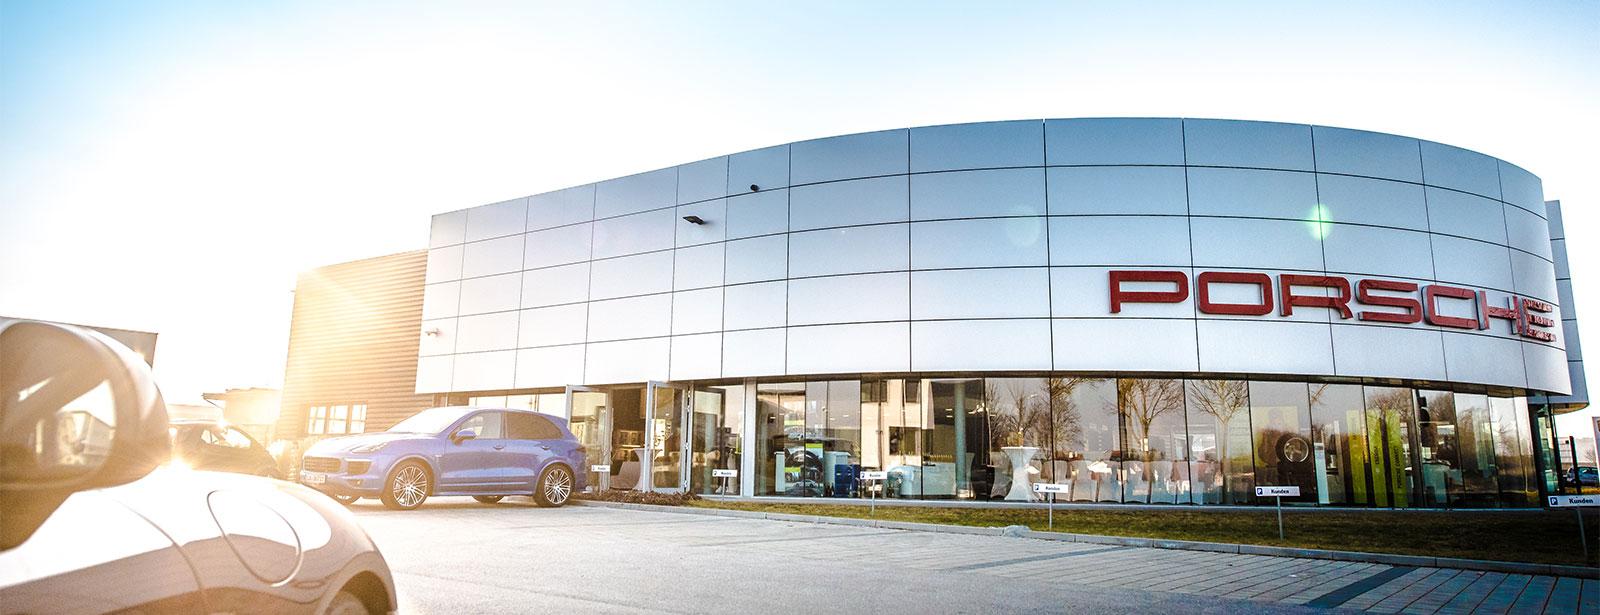 Le Centre Porsche de Landshut